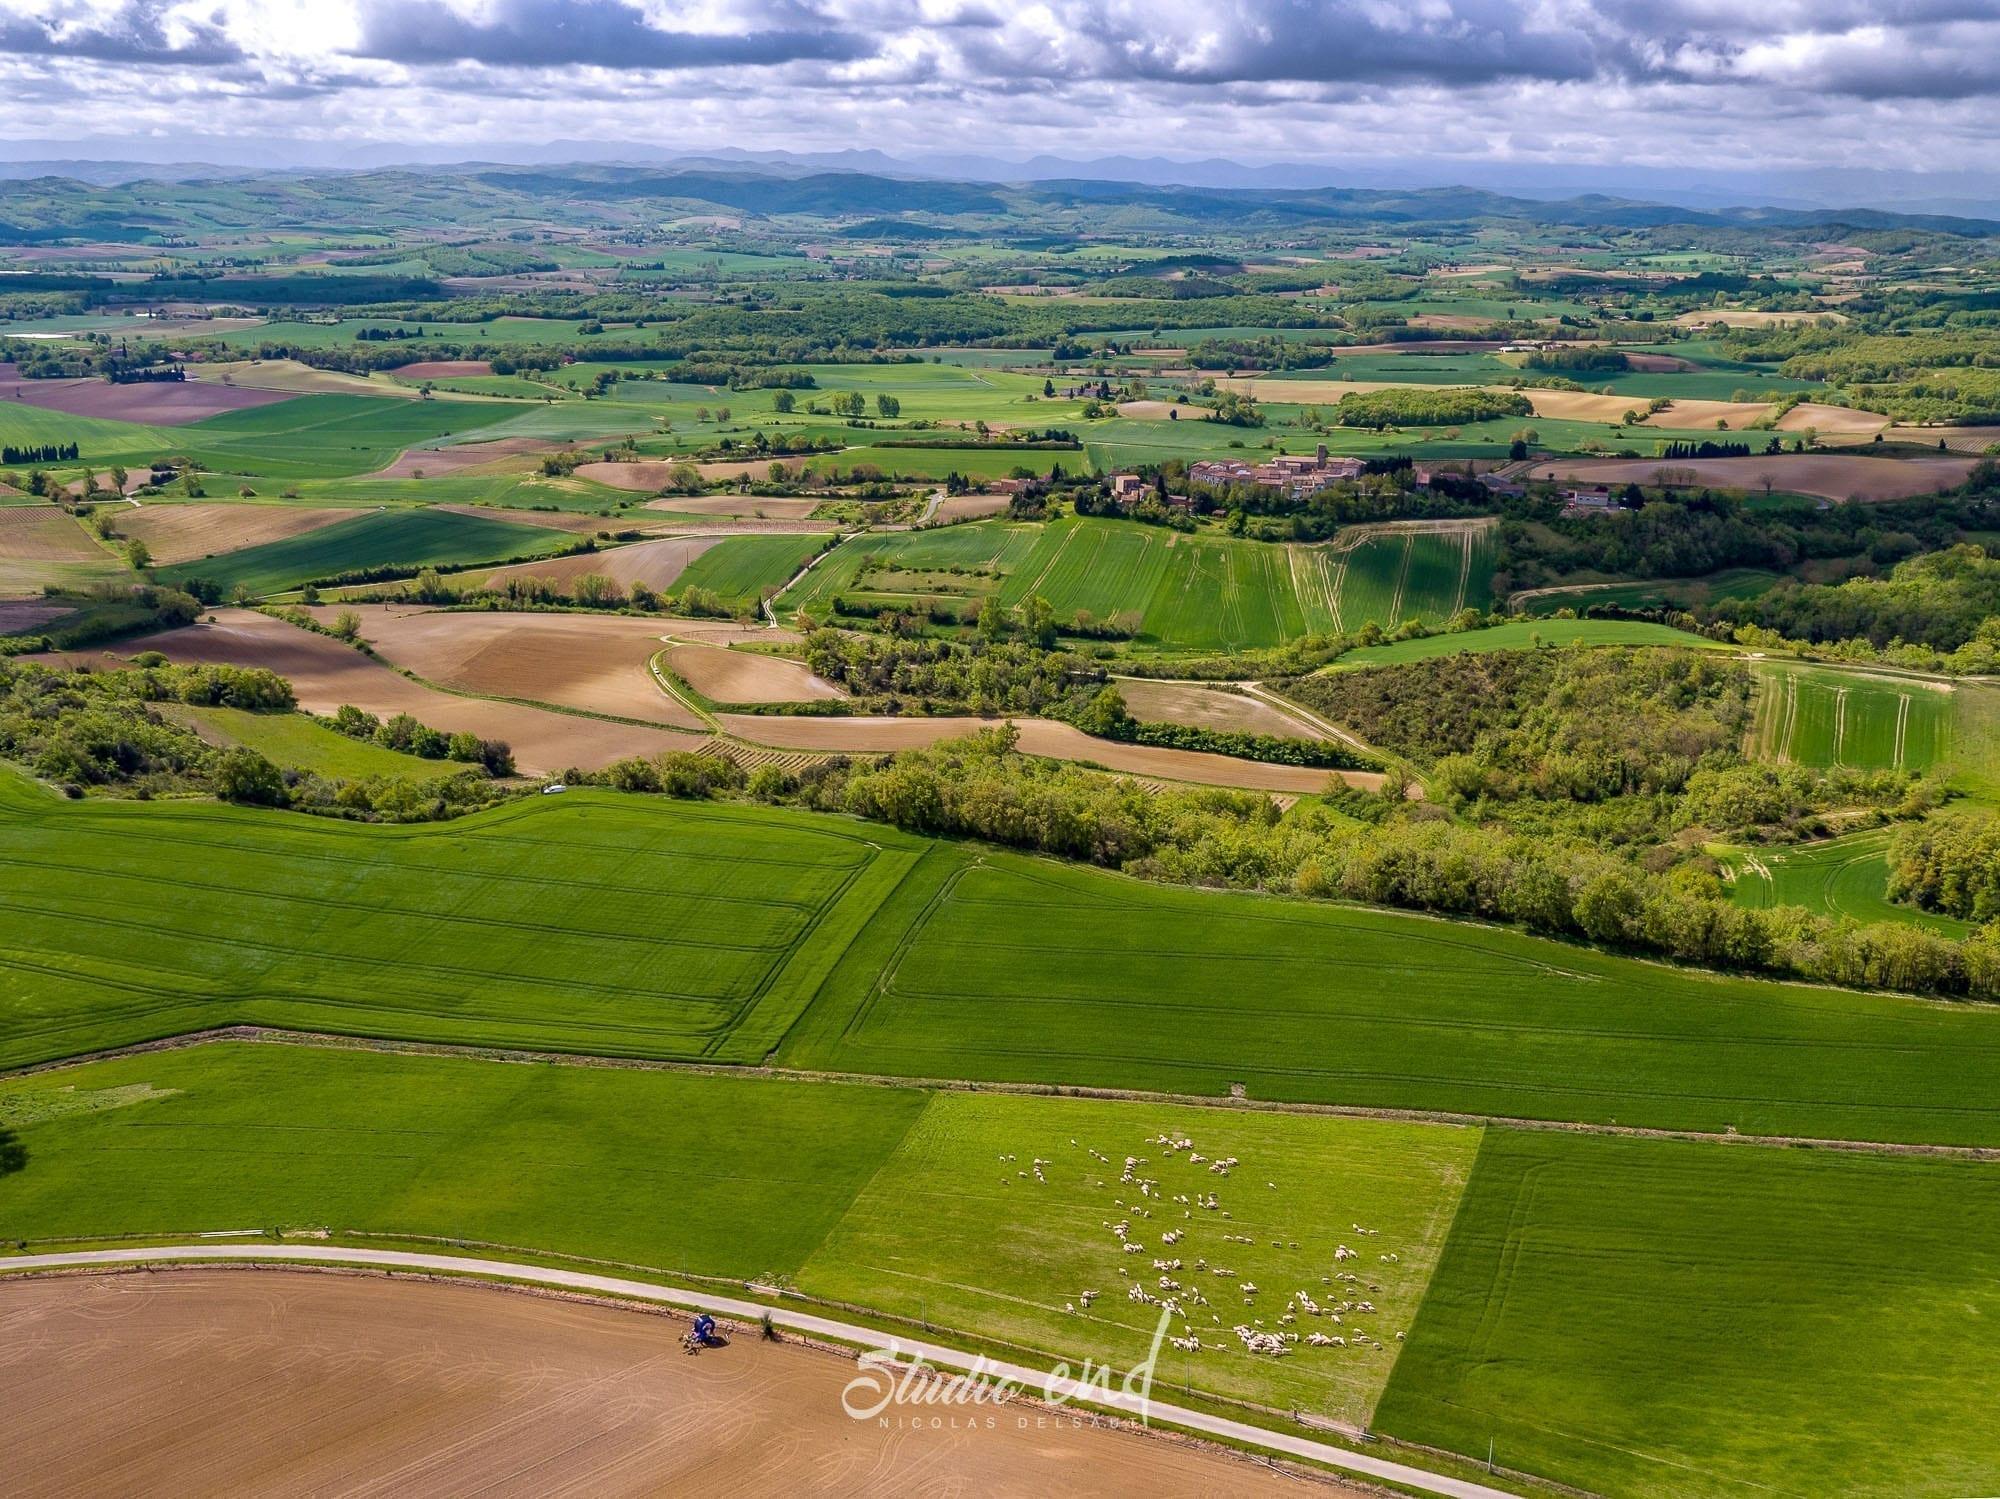 prise de vue drone sur la campagne de l'Aude